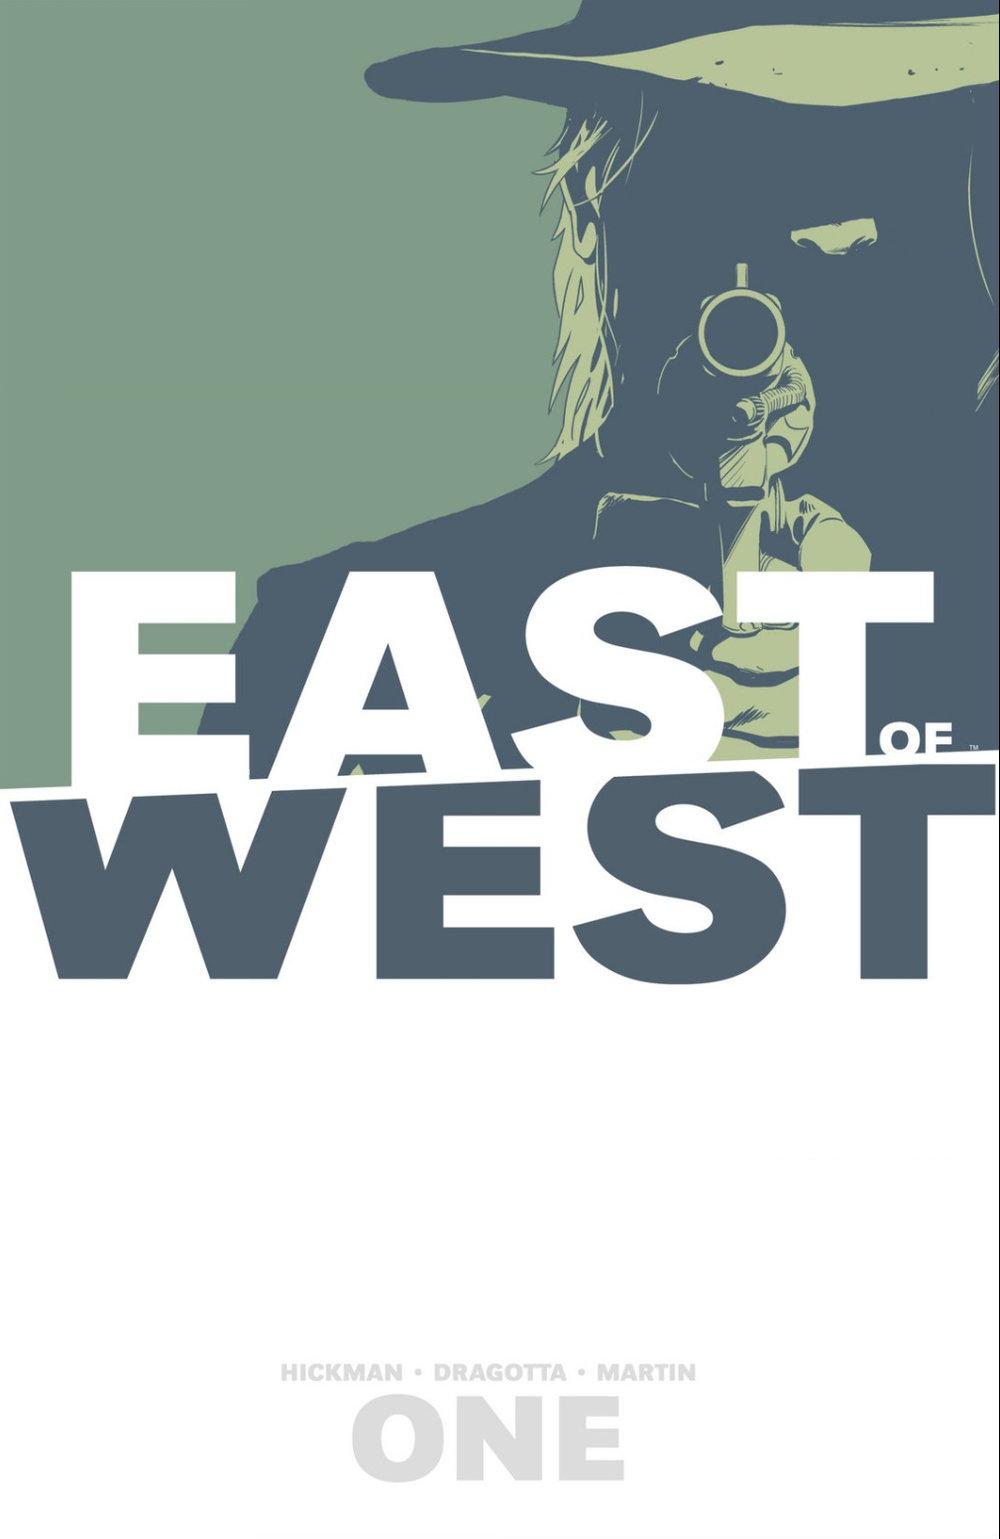 eastofwest.jpg